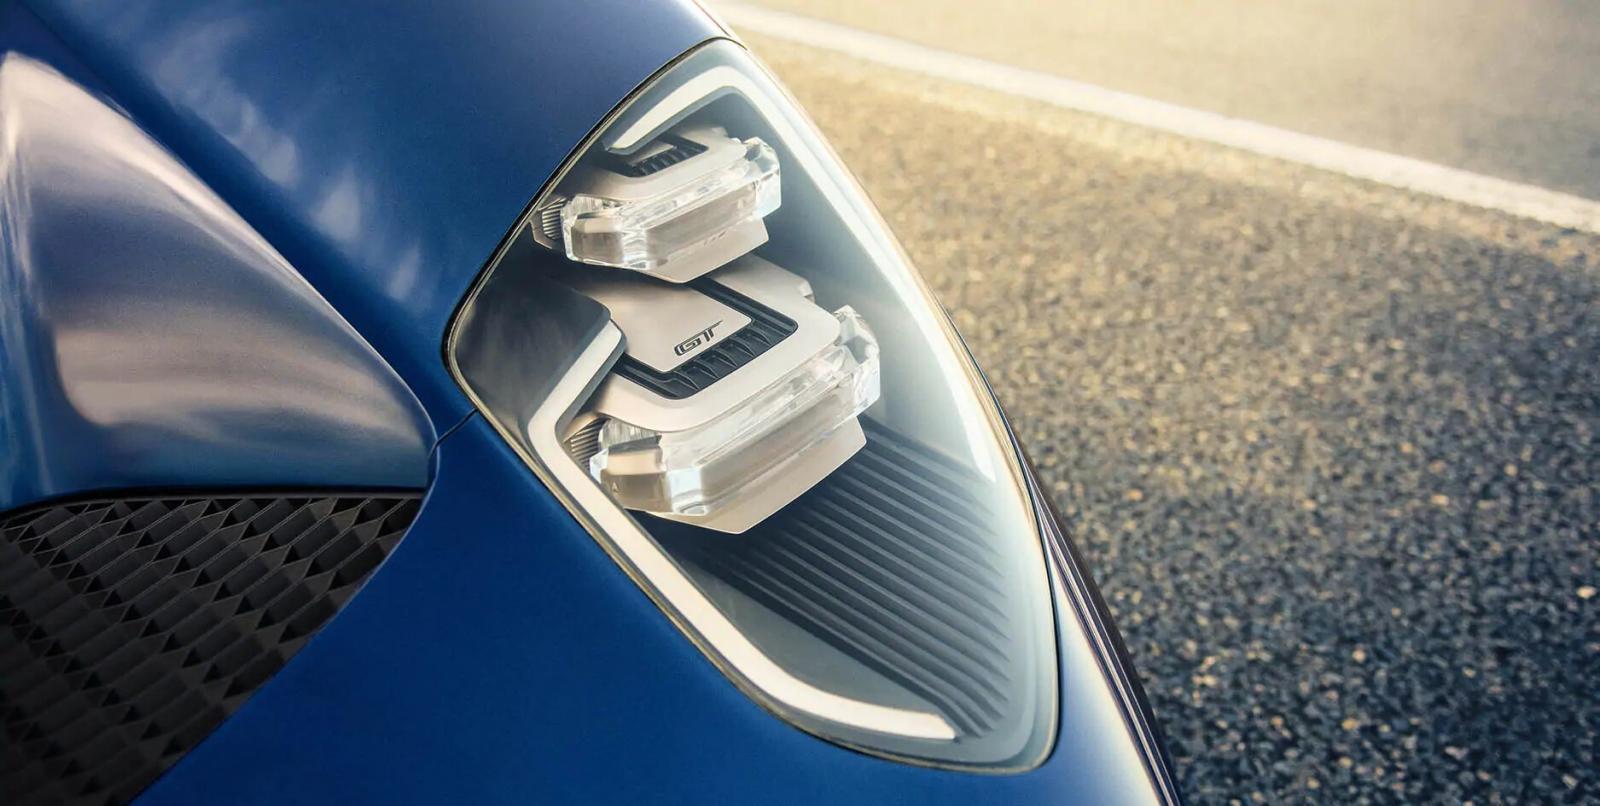 El Ford GT 2020 precio en México puede incrementar su costo de forma notable por las diferentes opciones de personalización